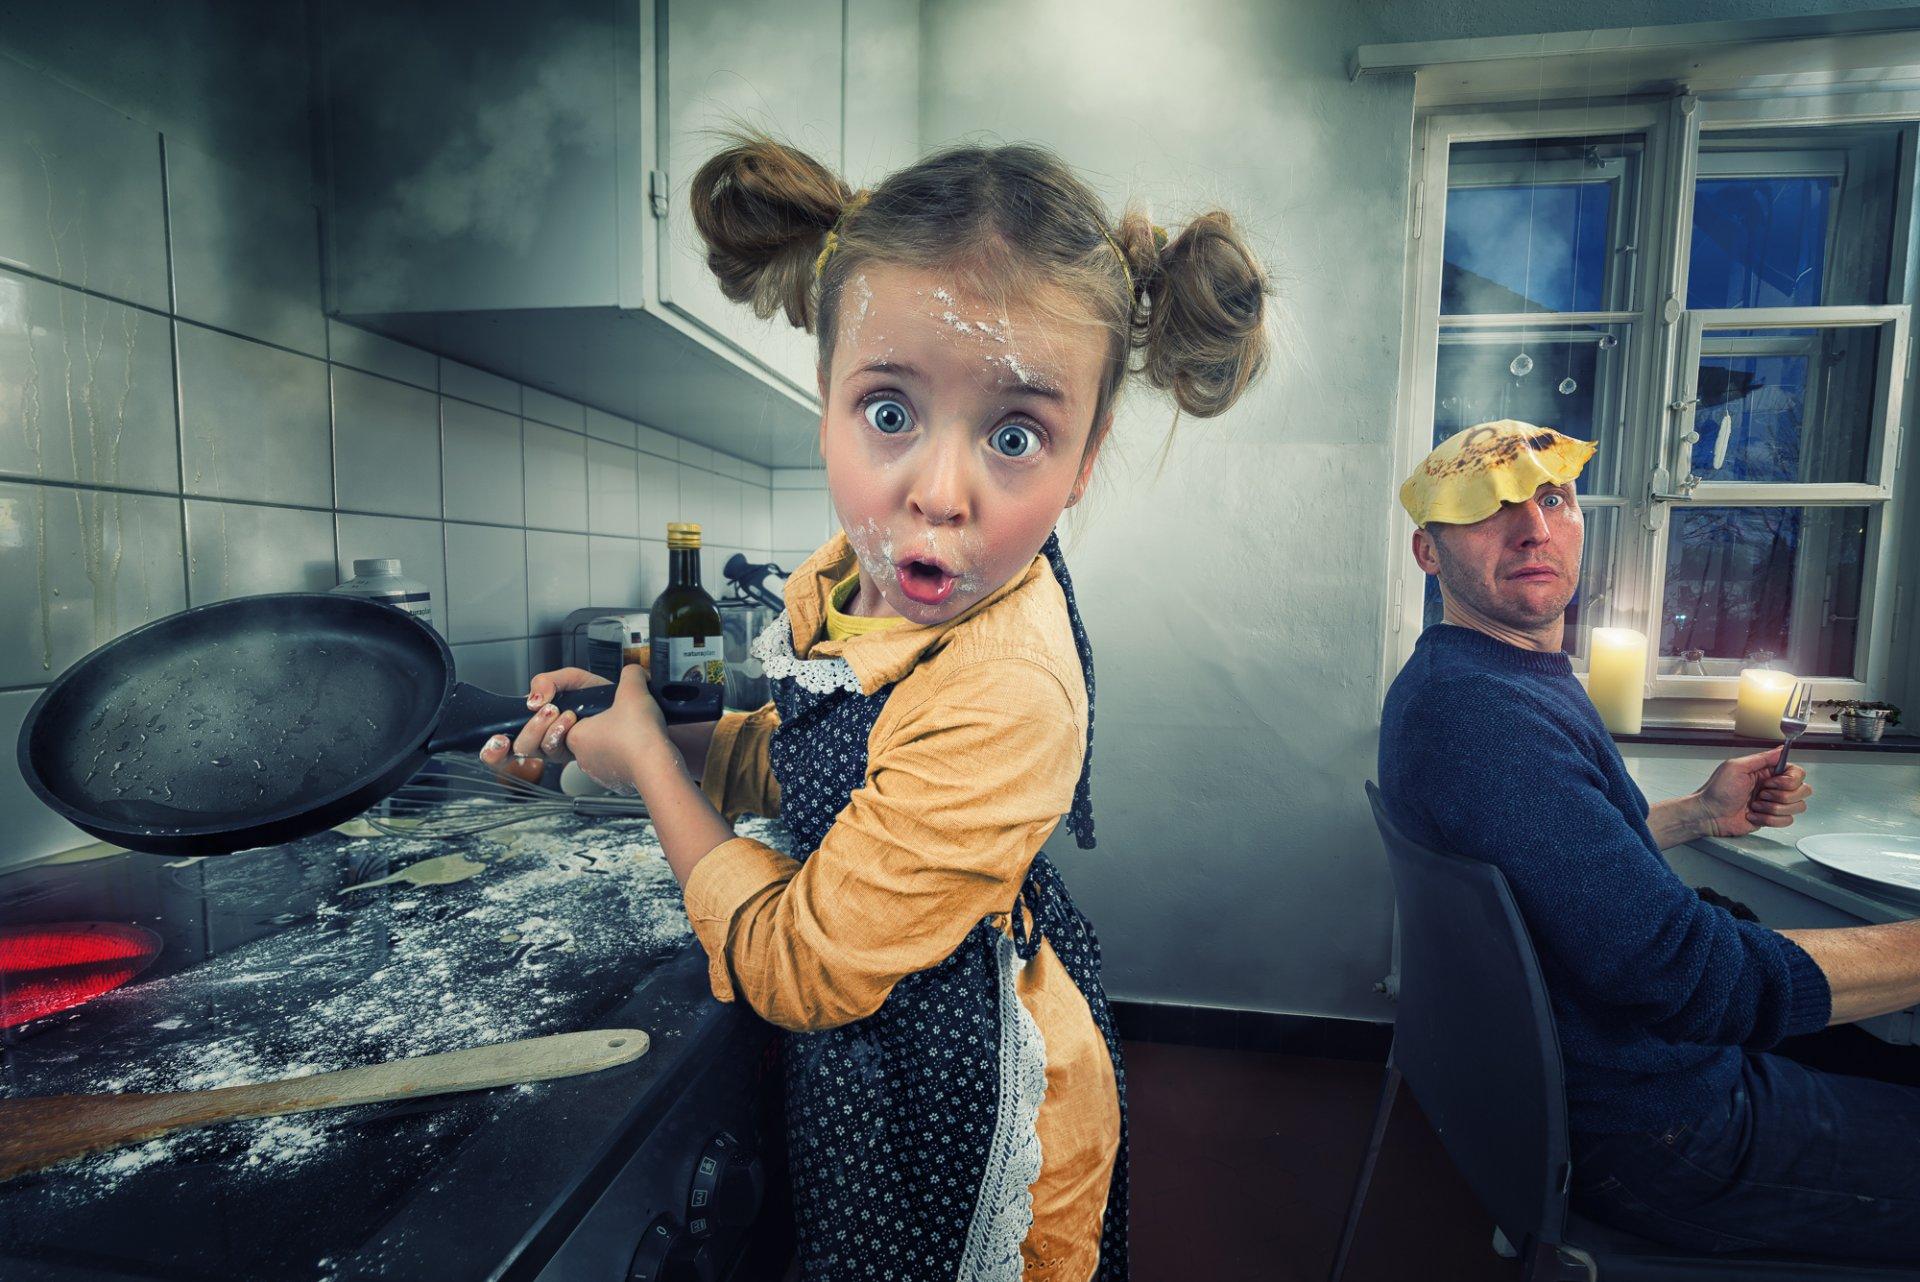 Картинки девочка на кухне